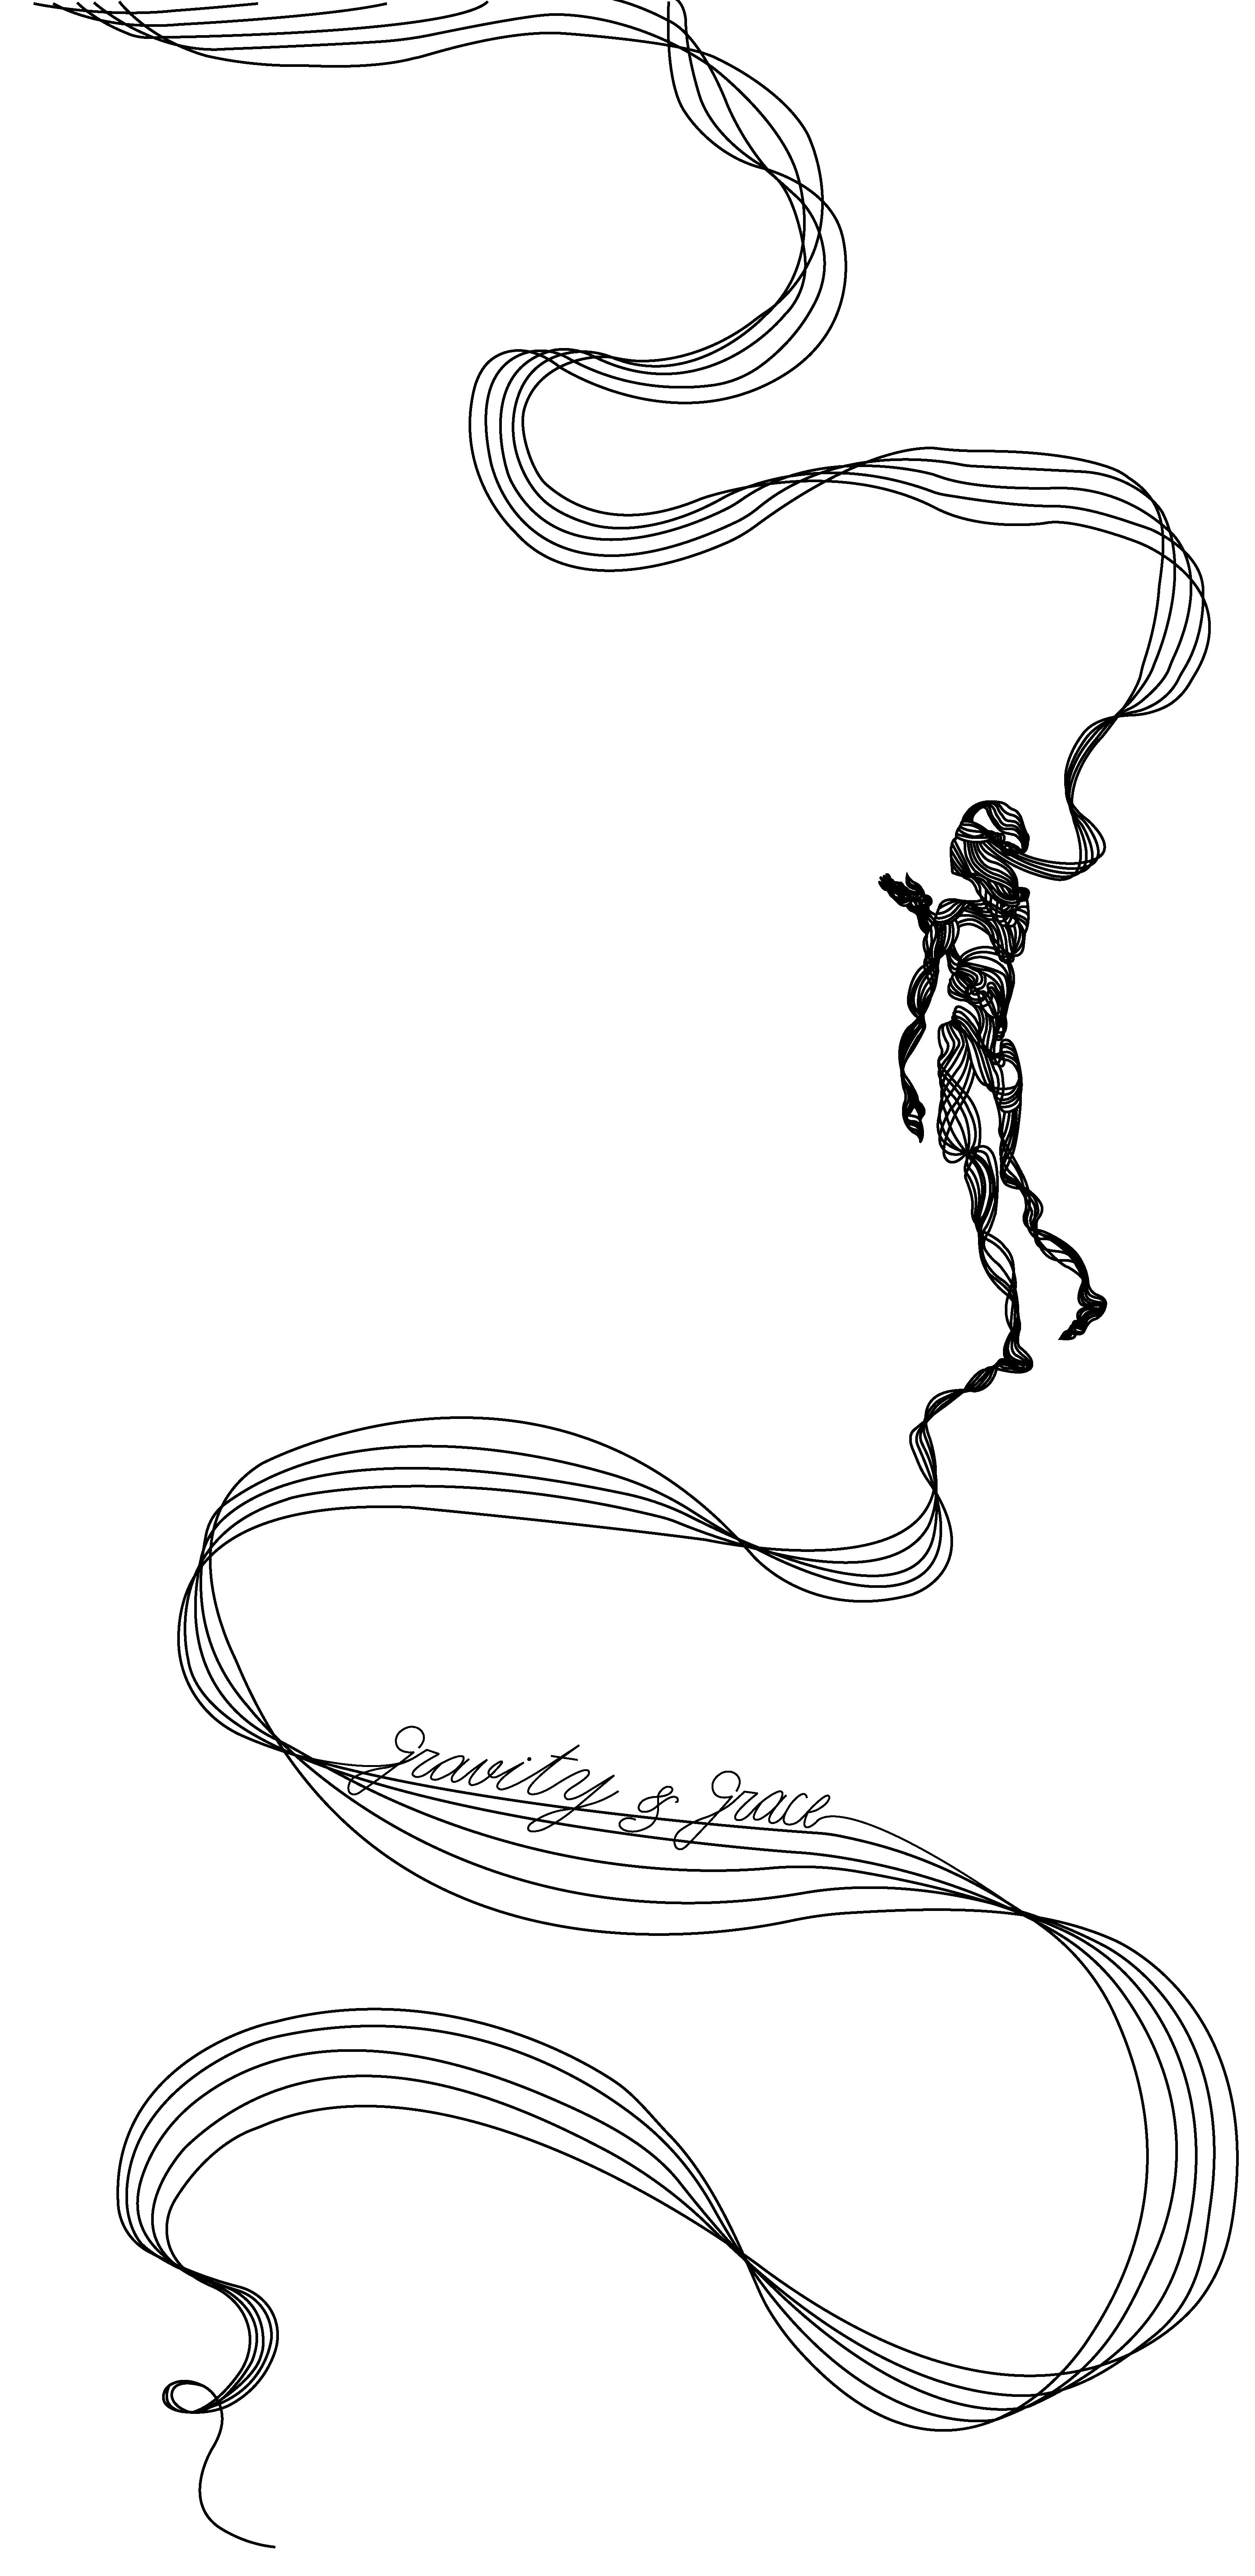 figure_transparentbackground-14